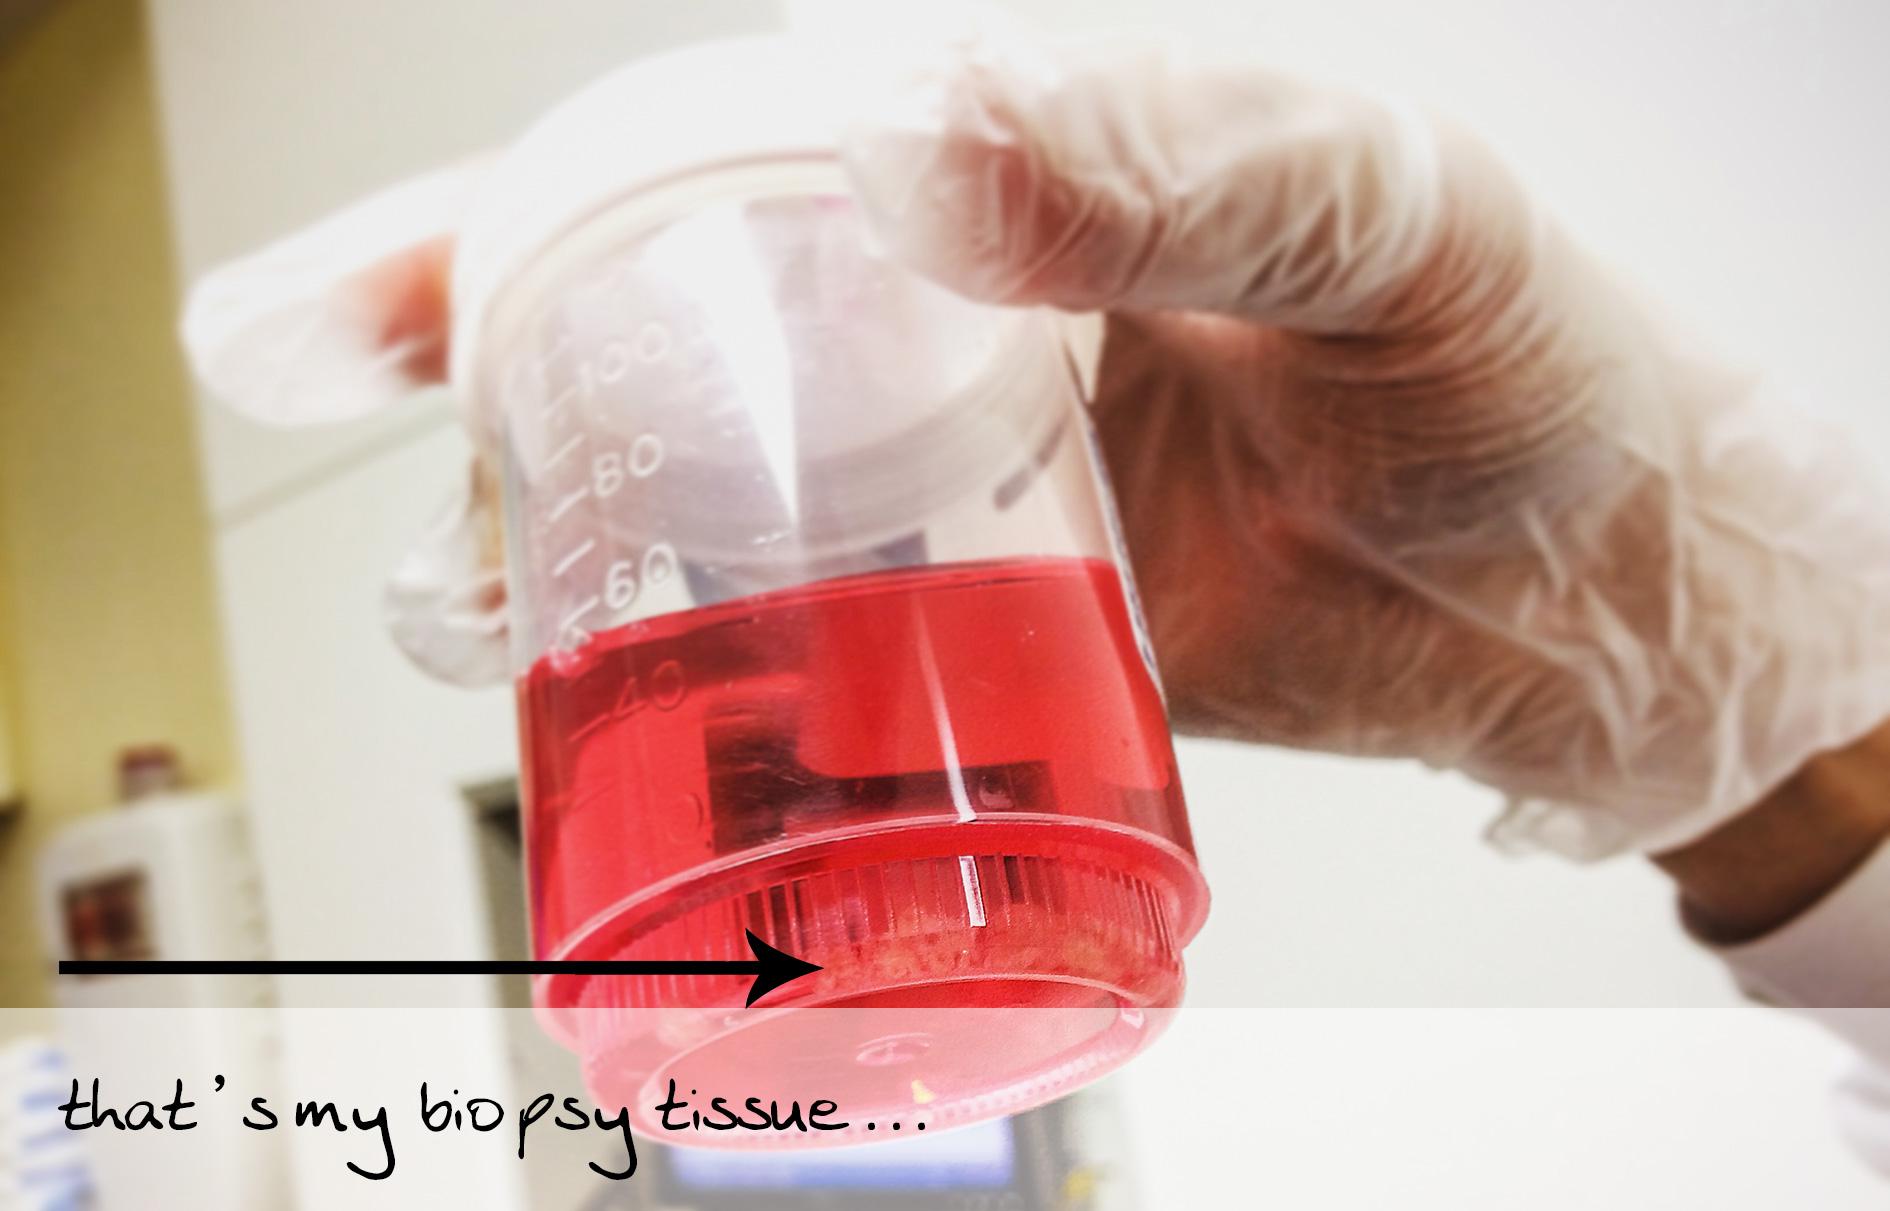 biopsy tissue